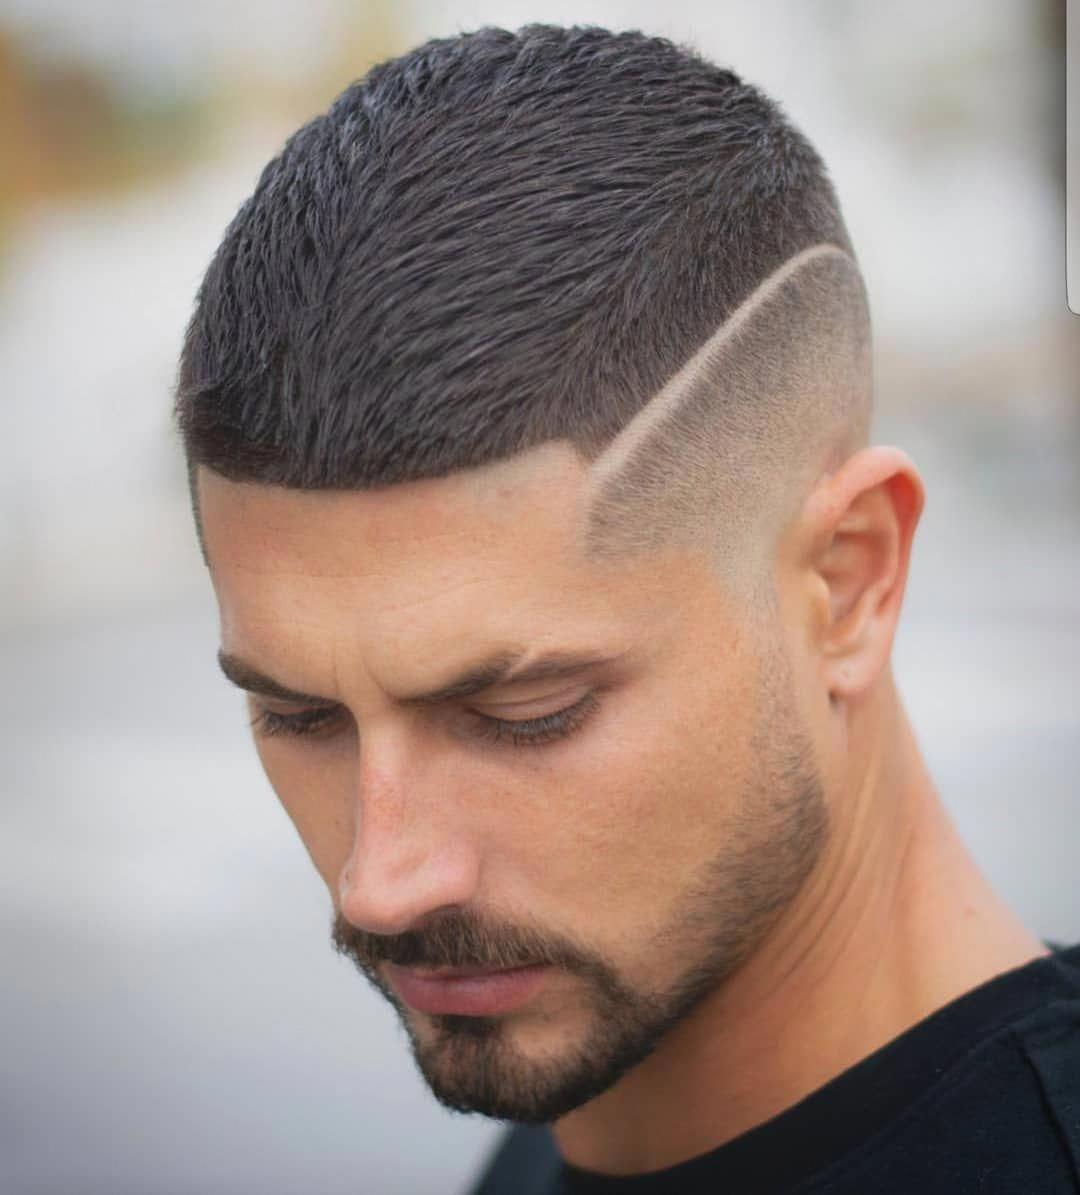 Pin On Men Short Hairstyle